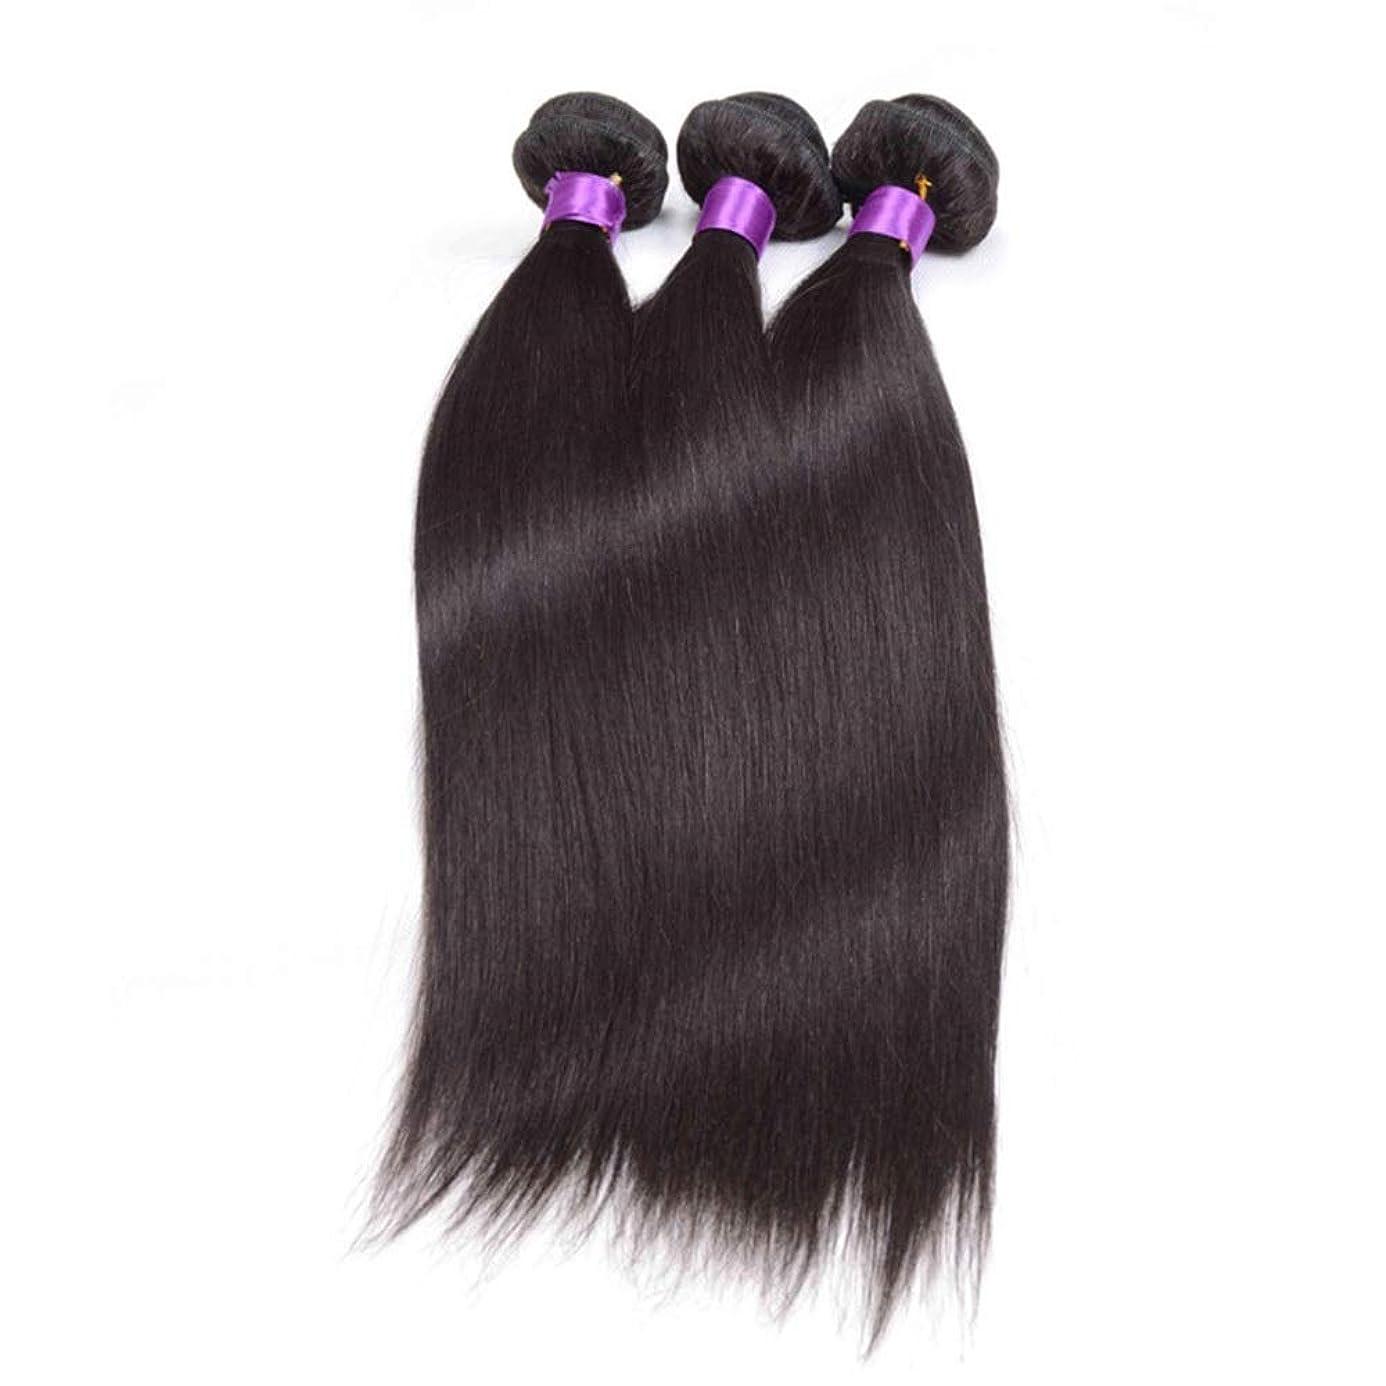 まばたき振るうばかげたBOBIDYEE ブラジルのストレート人間の髪の毛の束シルキーストレート100%人毛の織り方エクステンションナチュラルブラック複合ヘアレースかつらロールプレイングかつら (色 : 黒, サイズ : 20 inch)